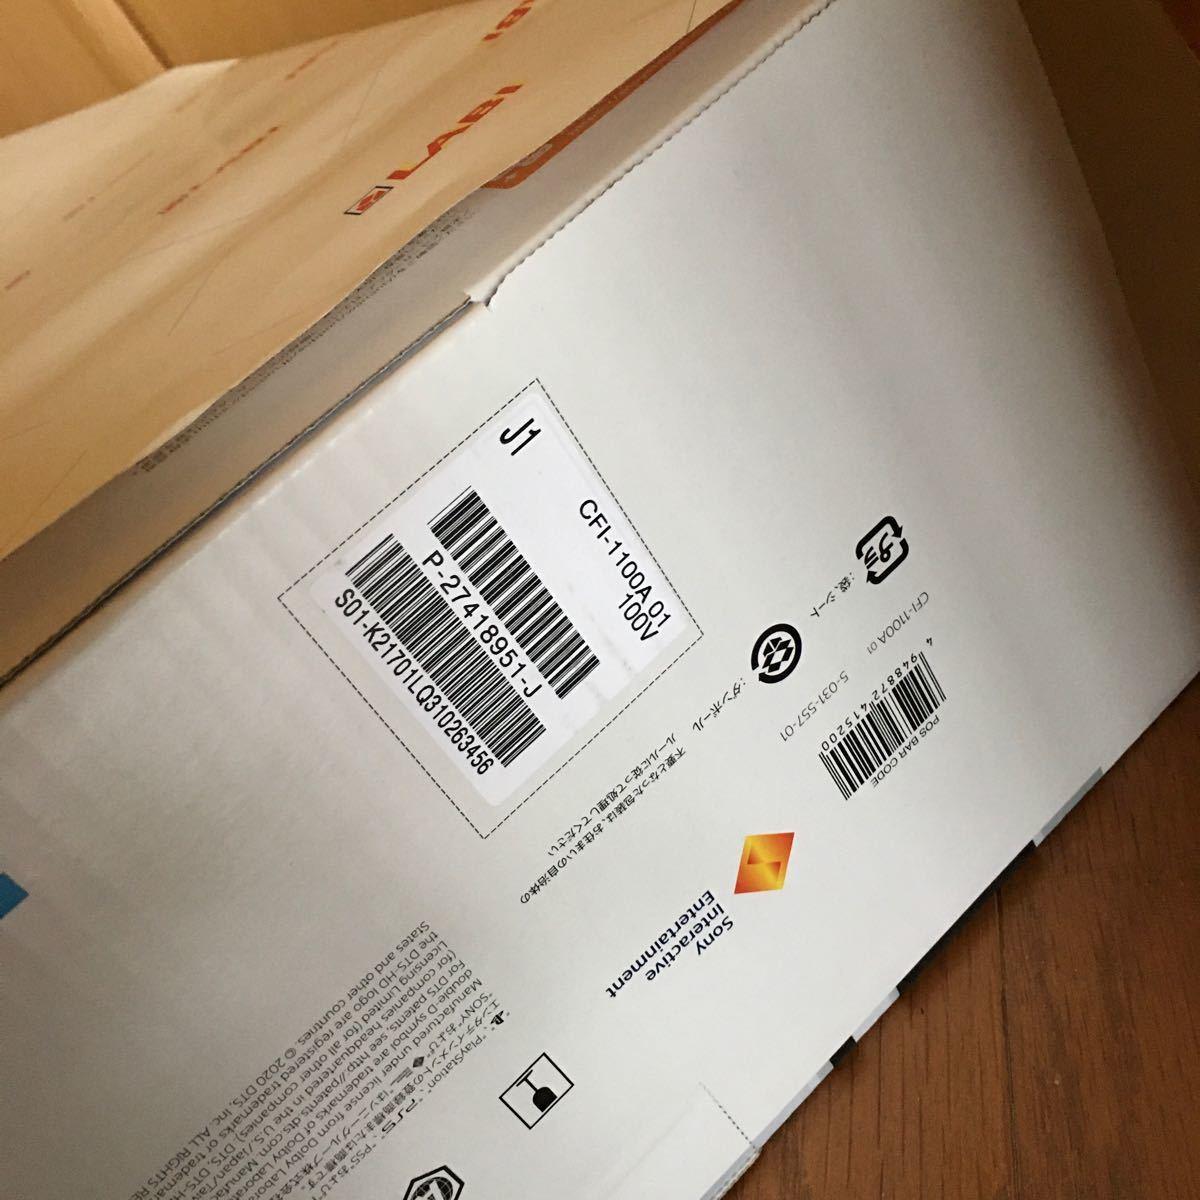 【新品】最新型版  CFI-1100A01 PlayStation5  プレステ5 PS5 ディスクドライブモデル